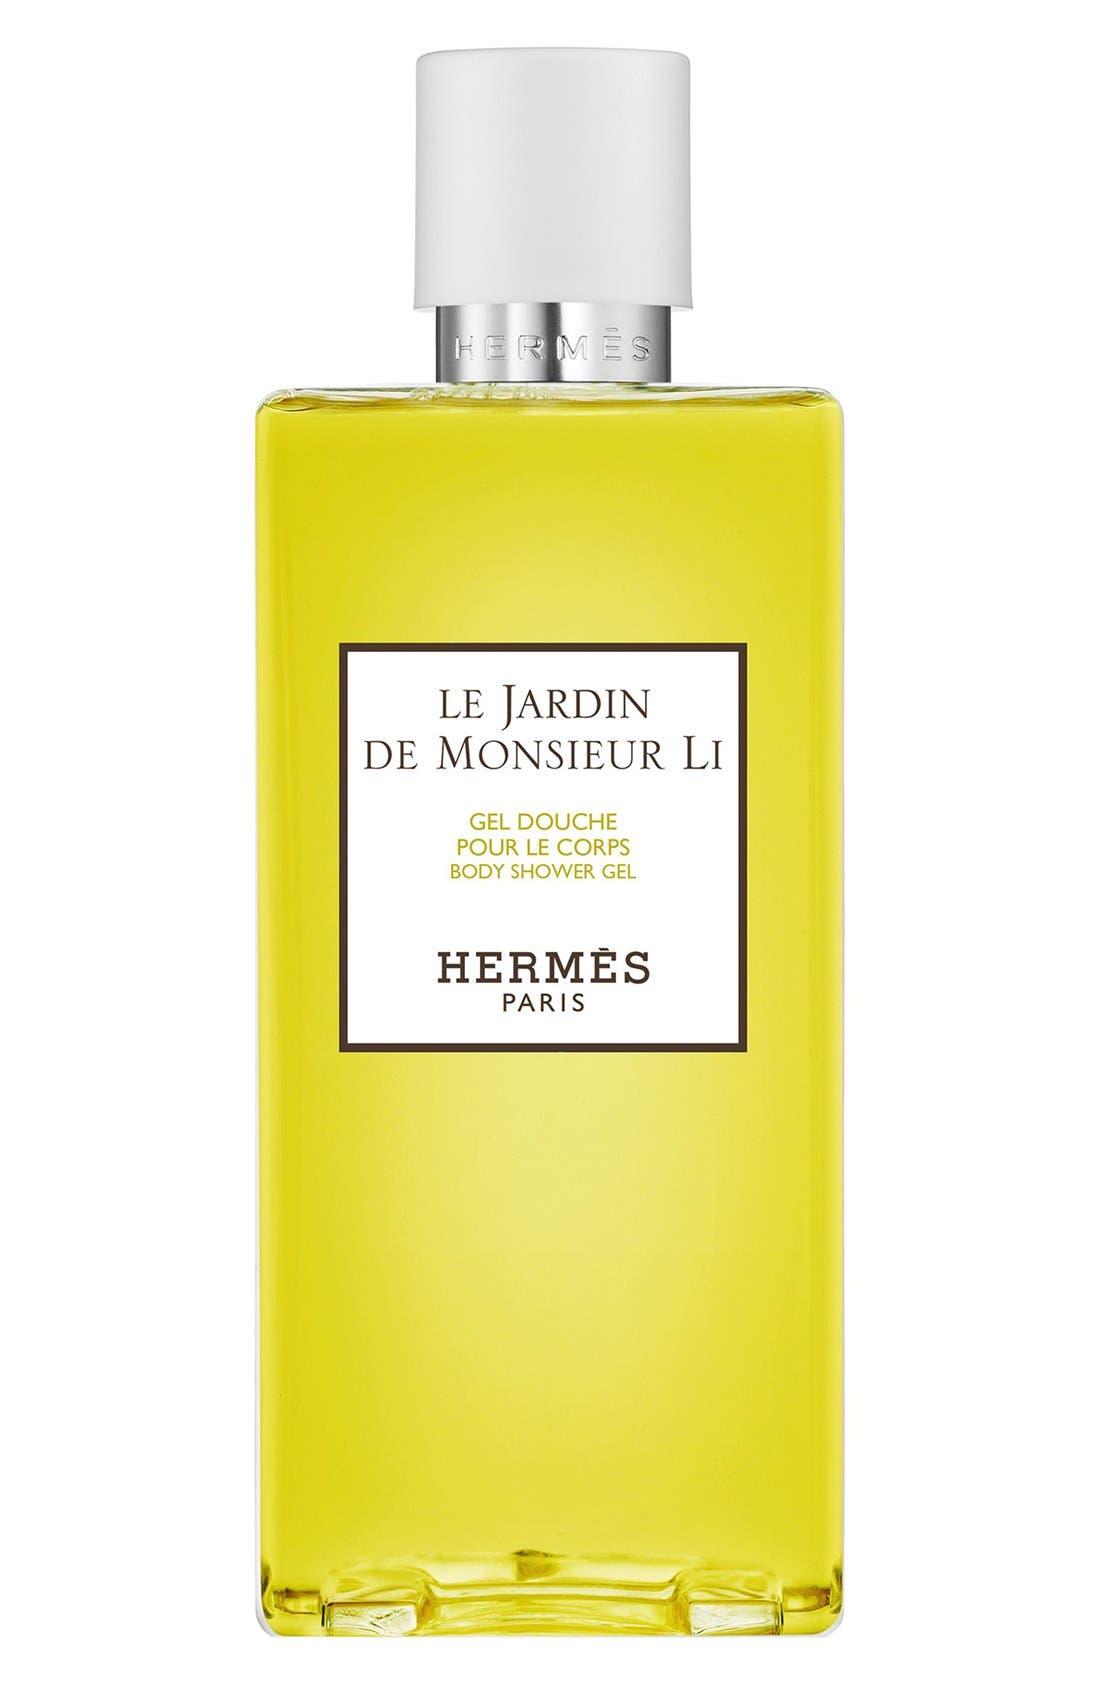 Hermès Le Jardin de Monsieur Li - Shower gel